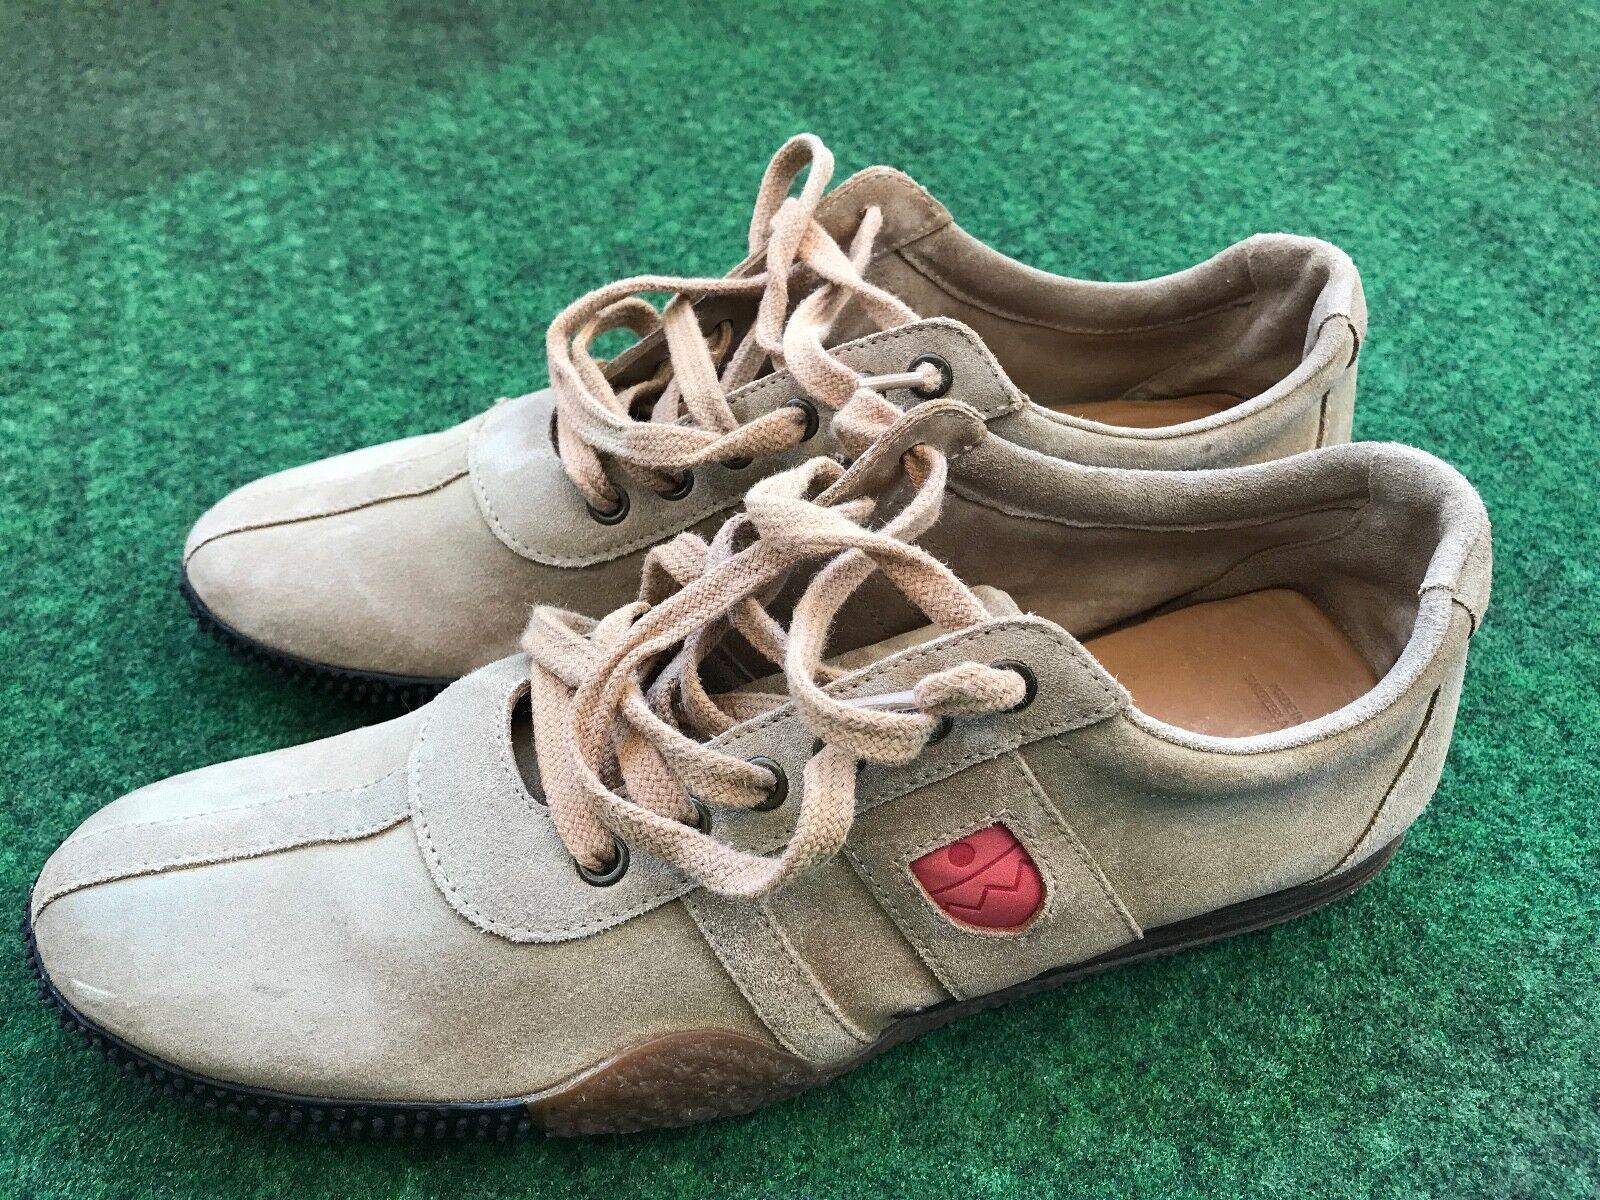 Original Bally zapatos de de de mujer talla 41 talla 8,5  popular